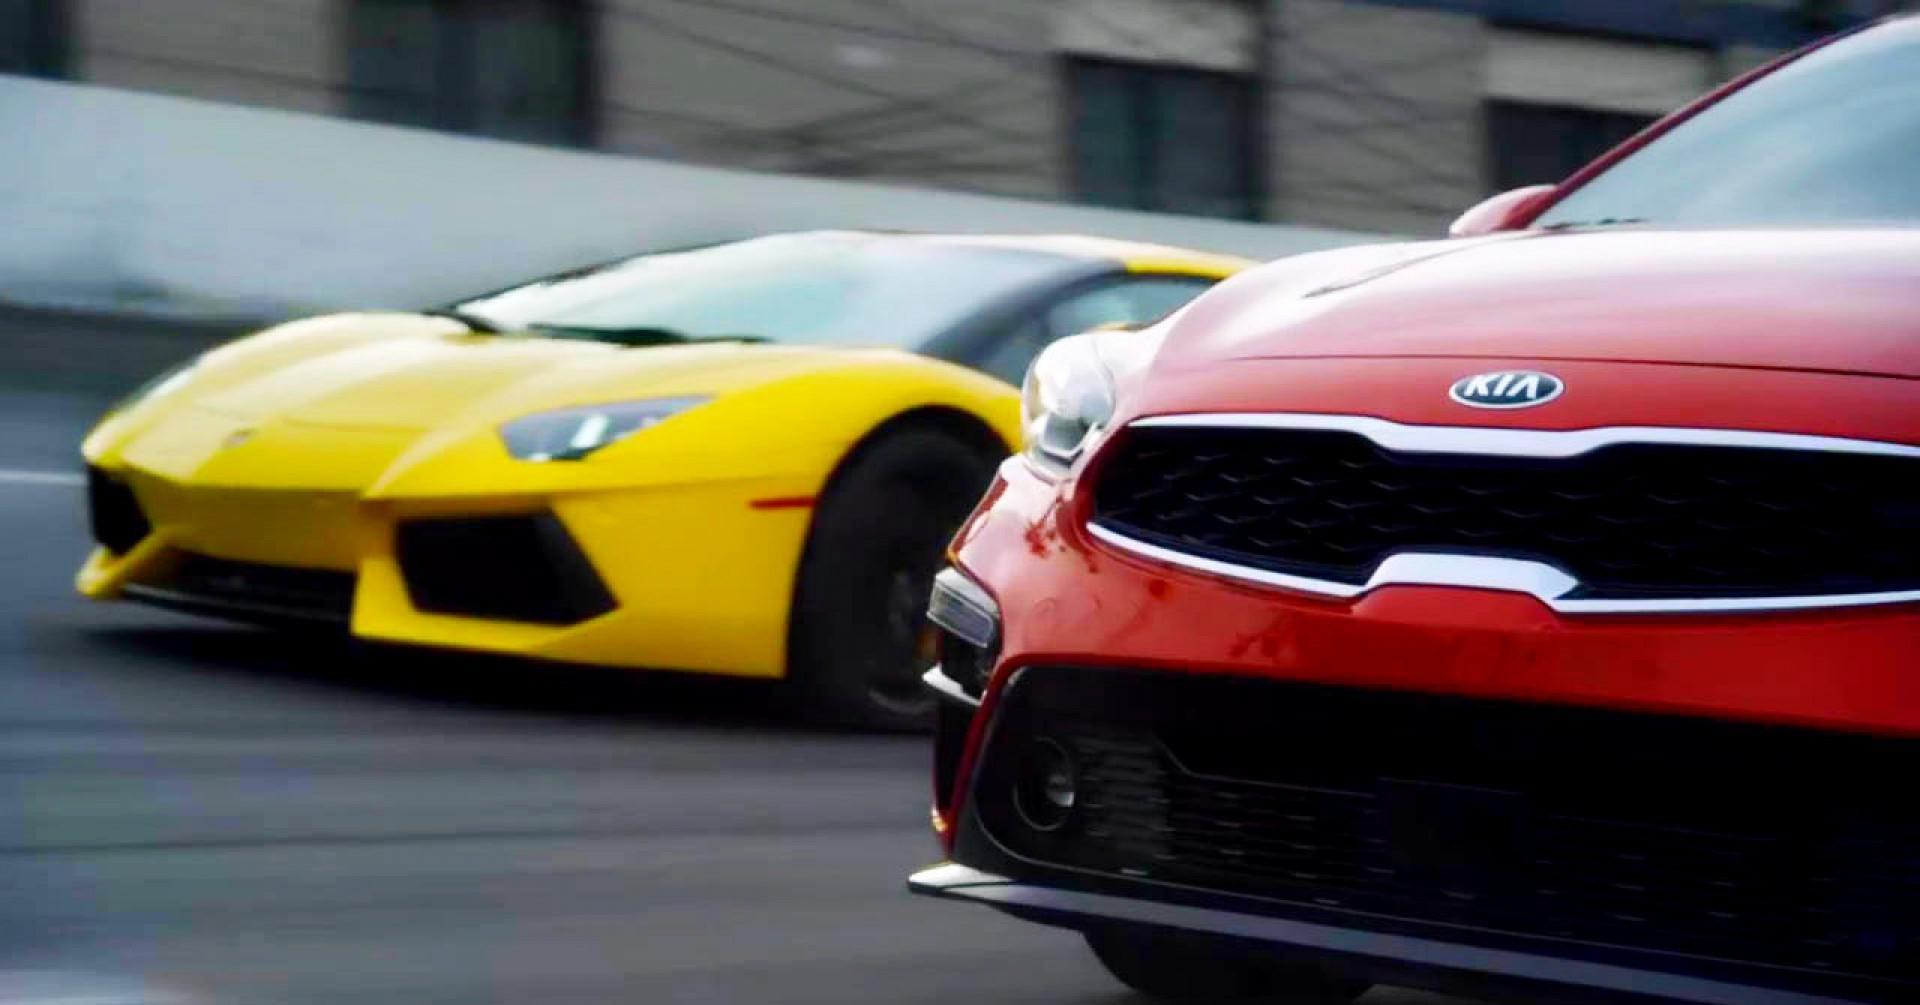 Kia qui compare sa nouvelle Forte à… la Lamborghini Aventador